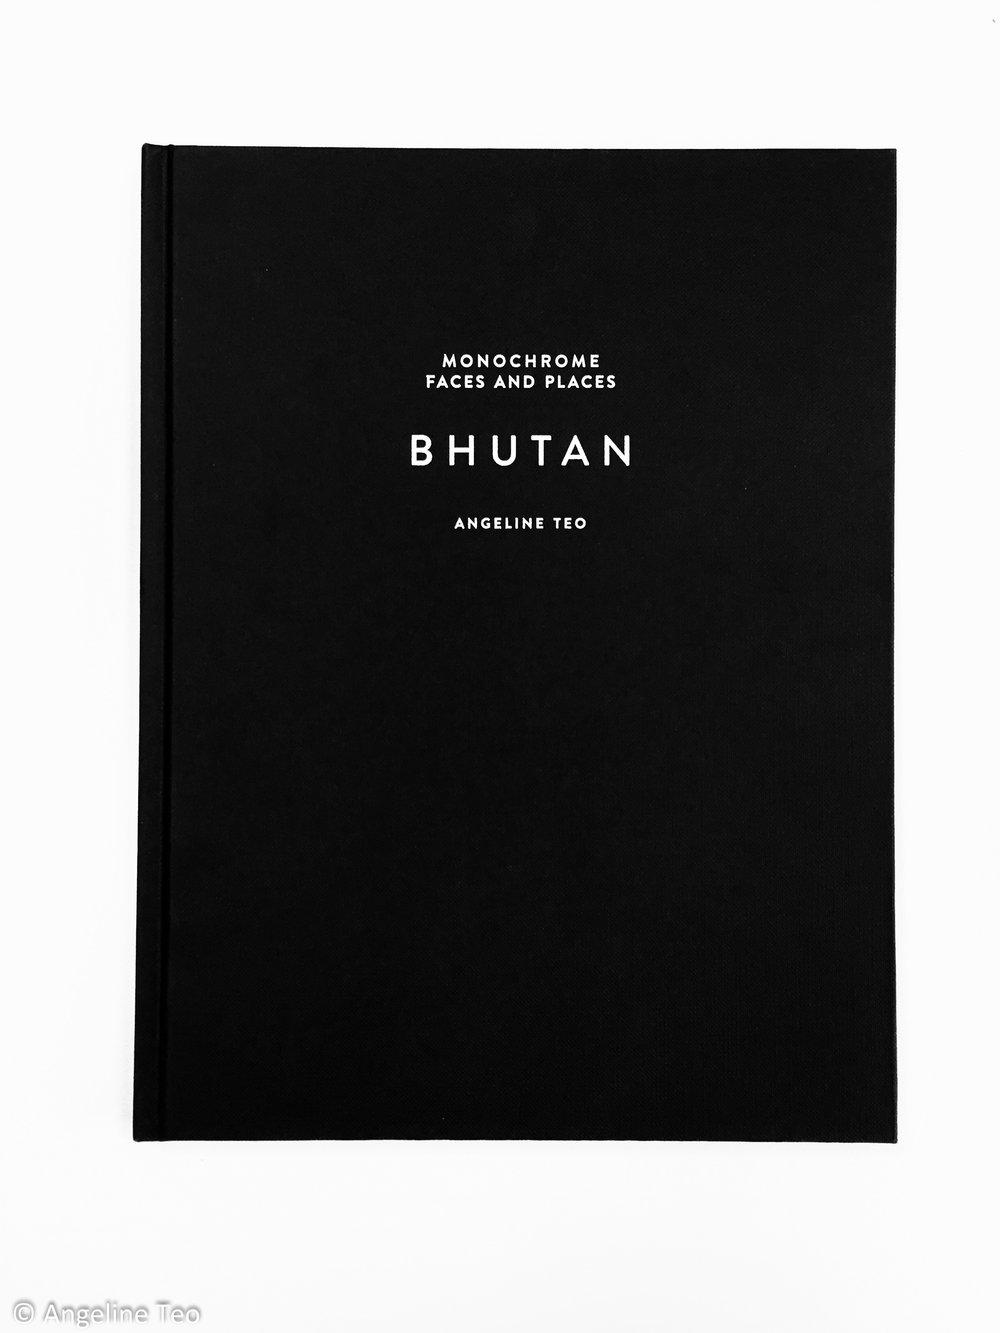 Image of Monochrome Faces & Places - Bhutan